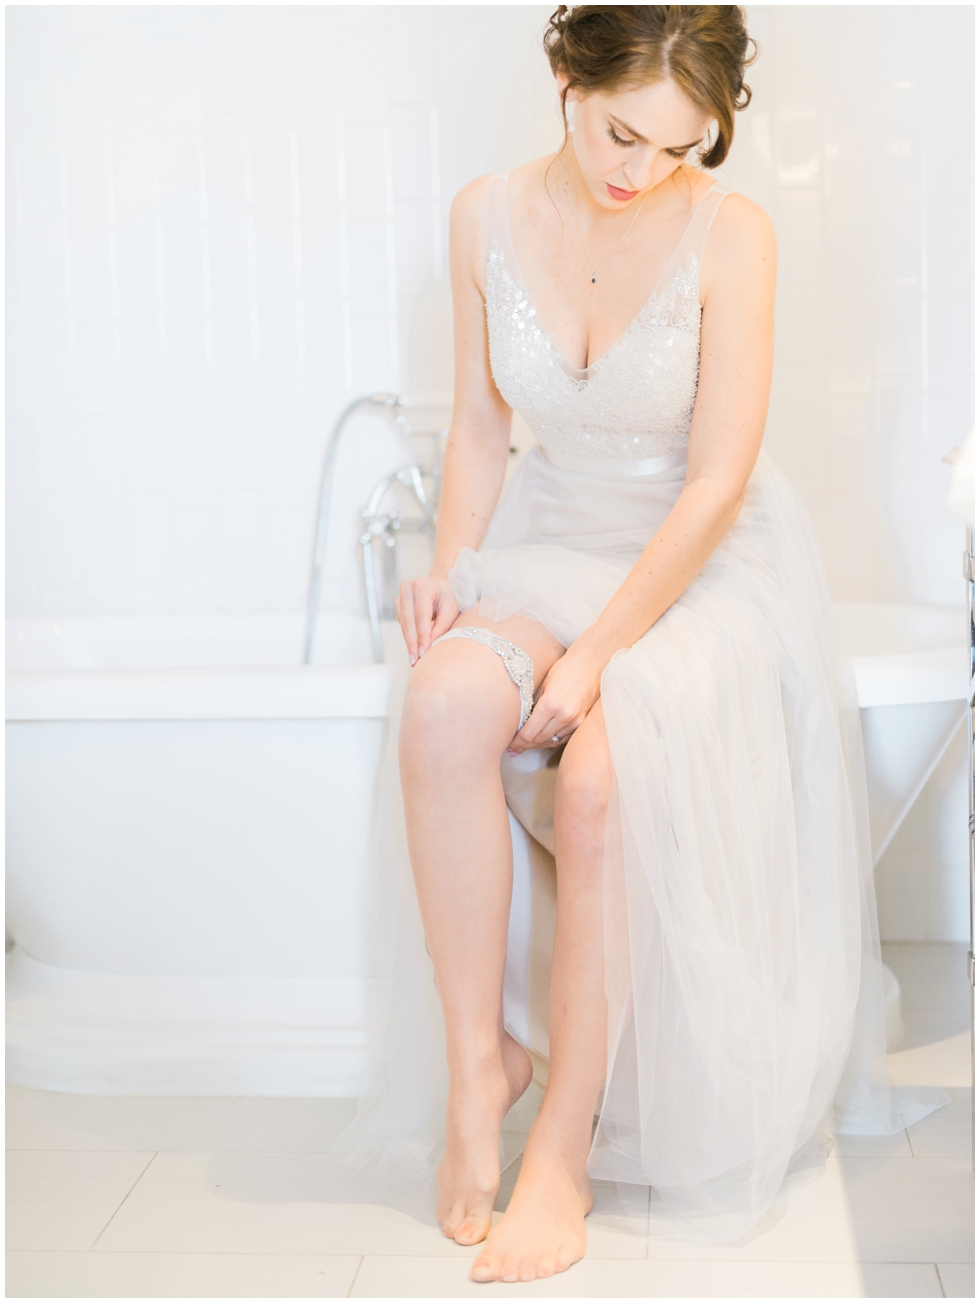 CULVER-HOTEL-WEDDING_0011.jpg